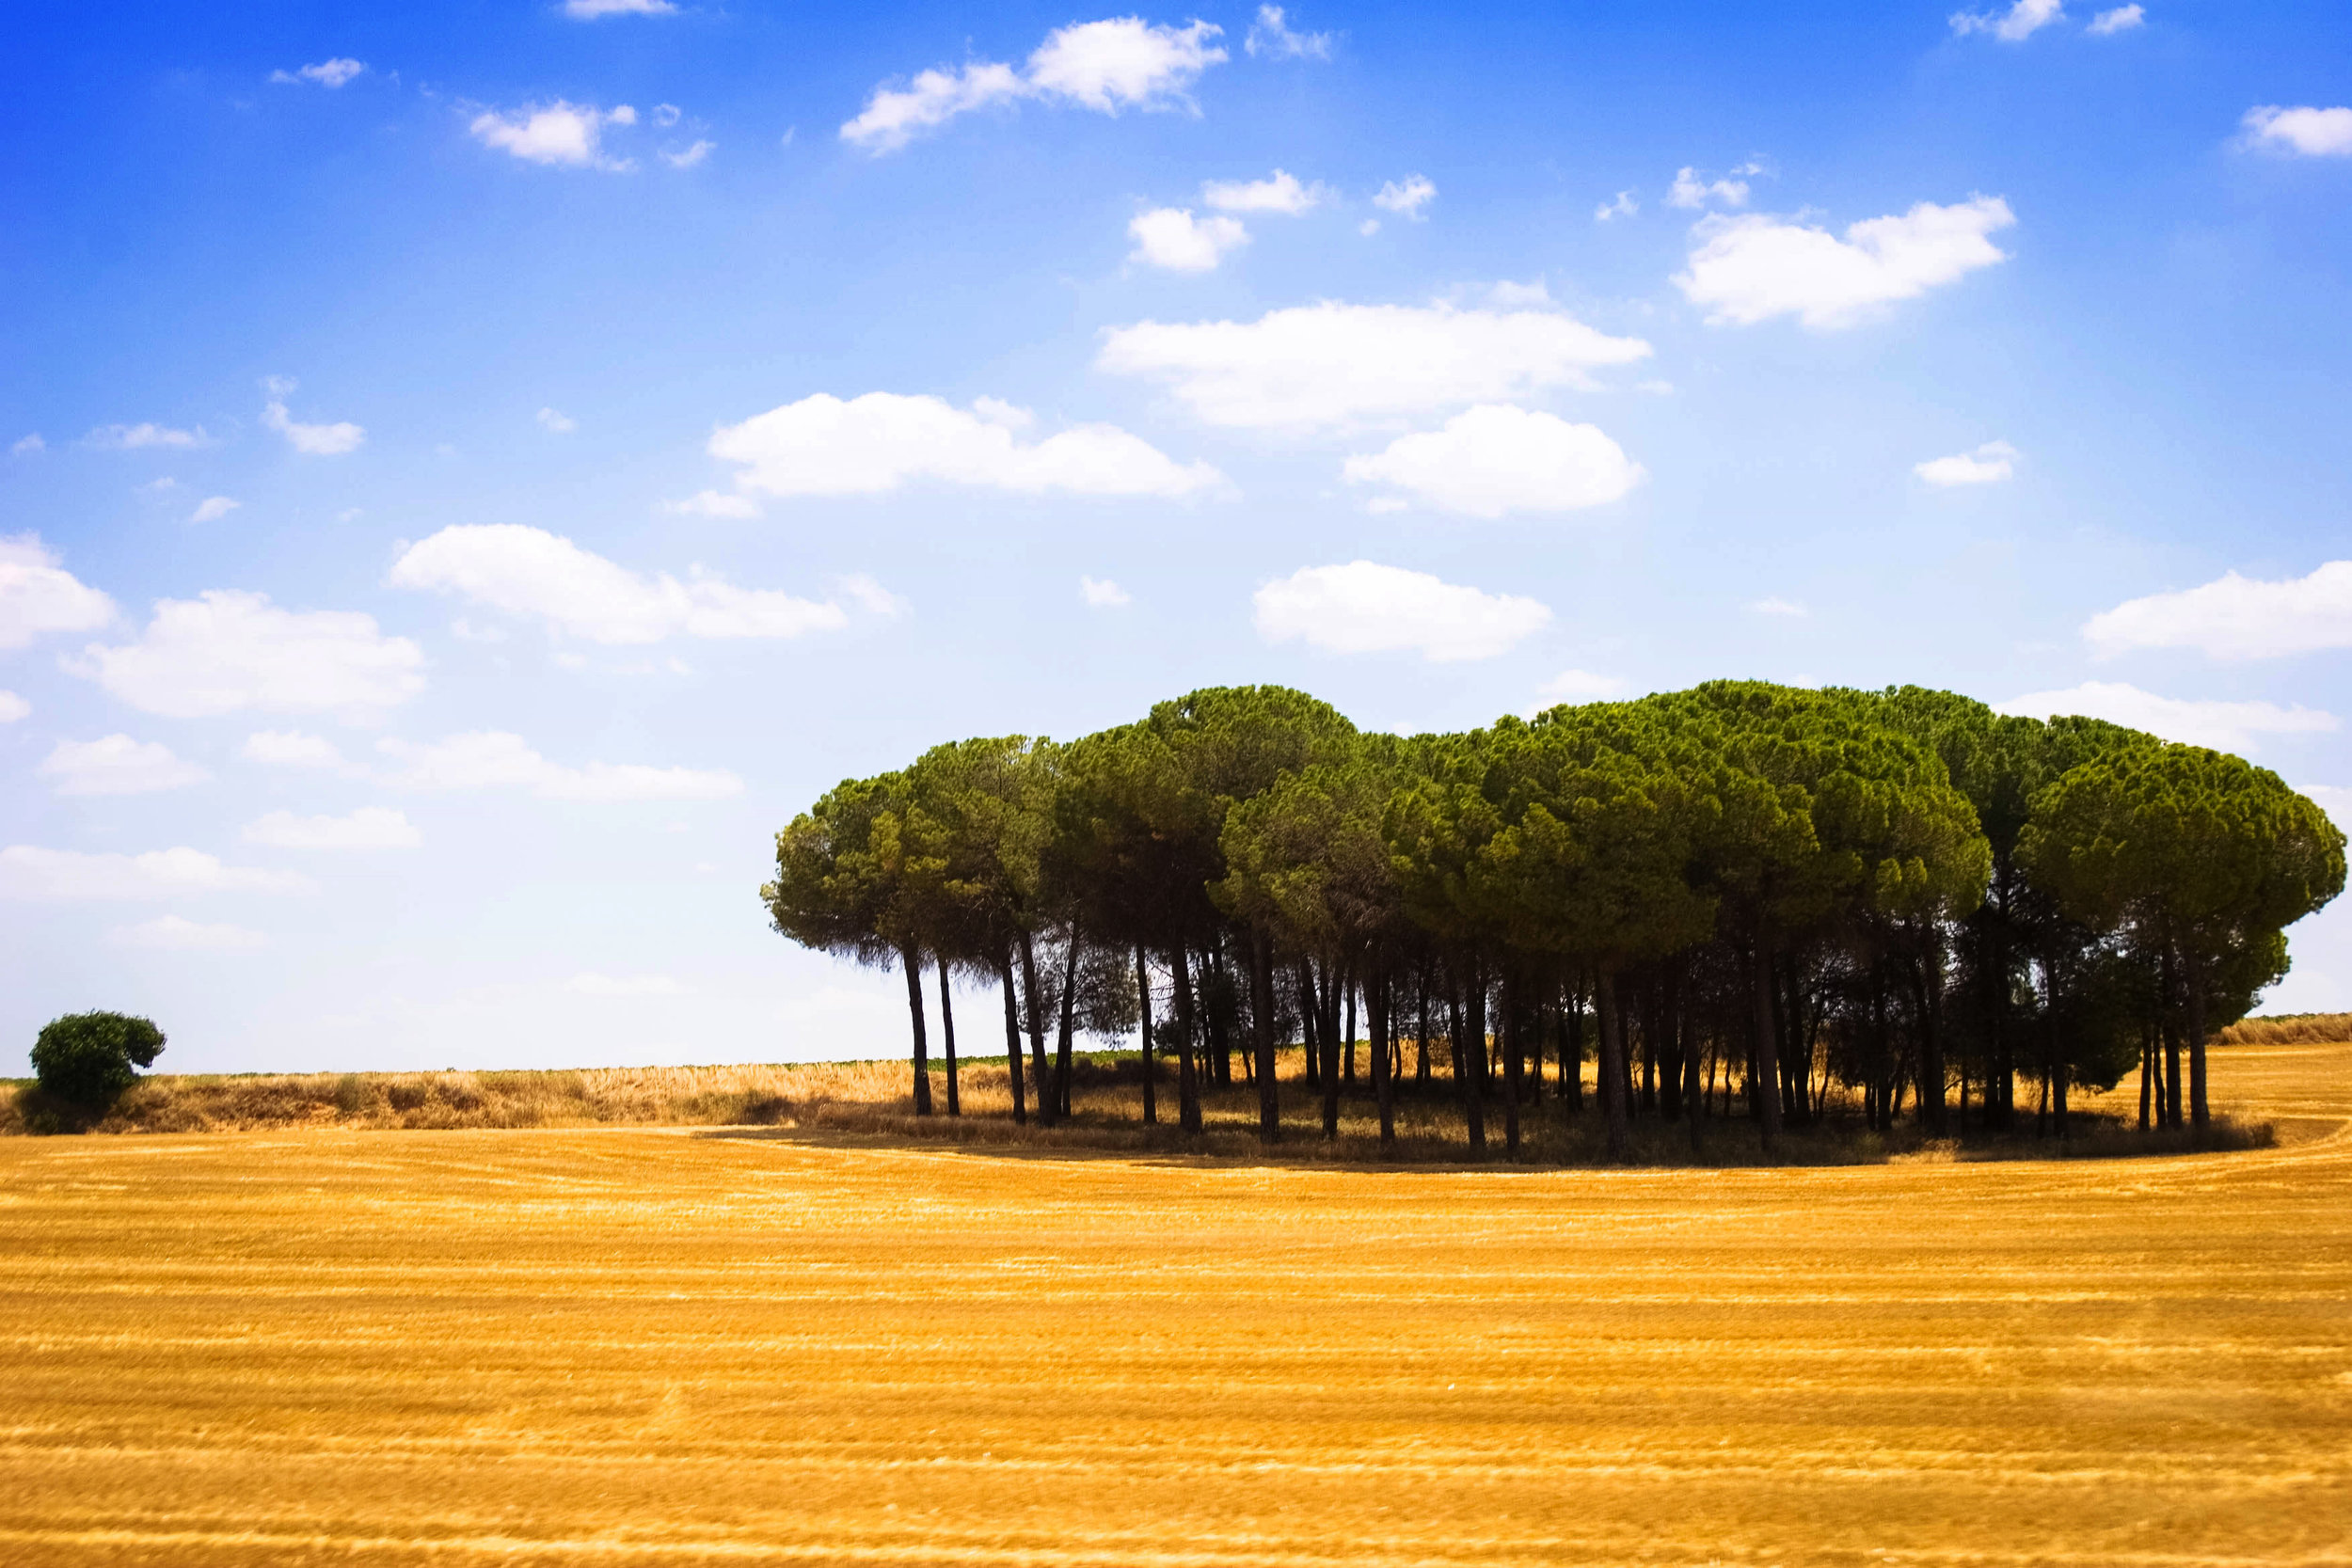 Roadside grove